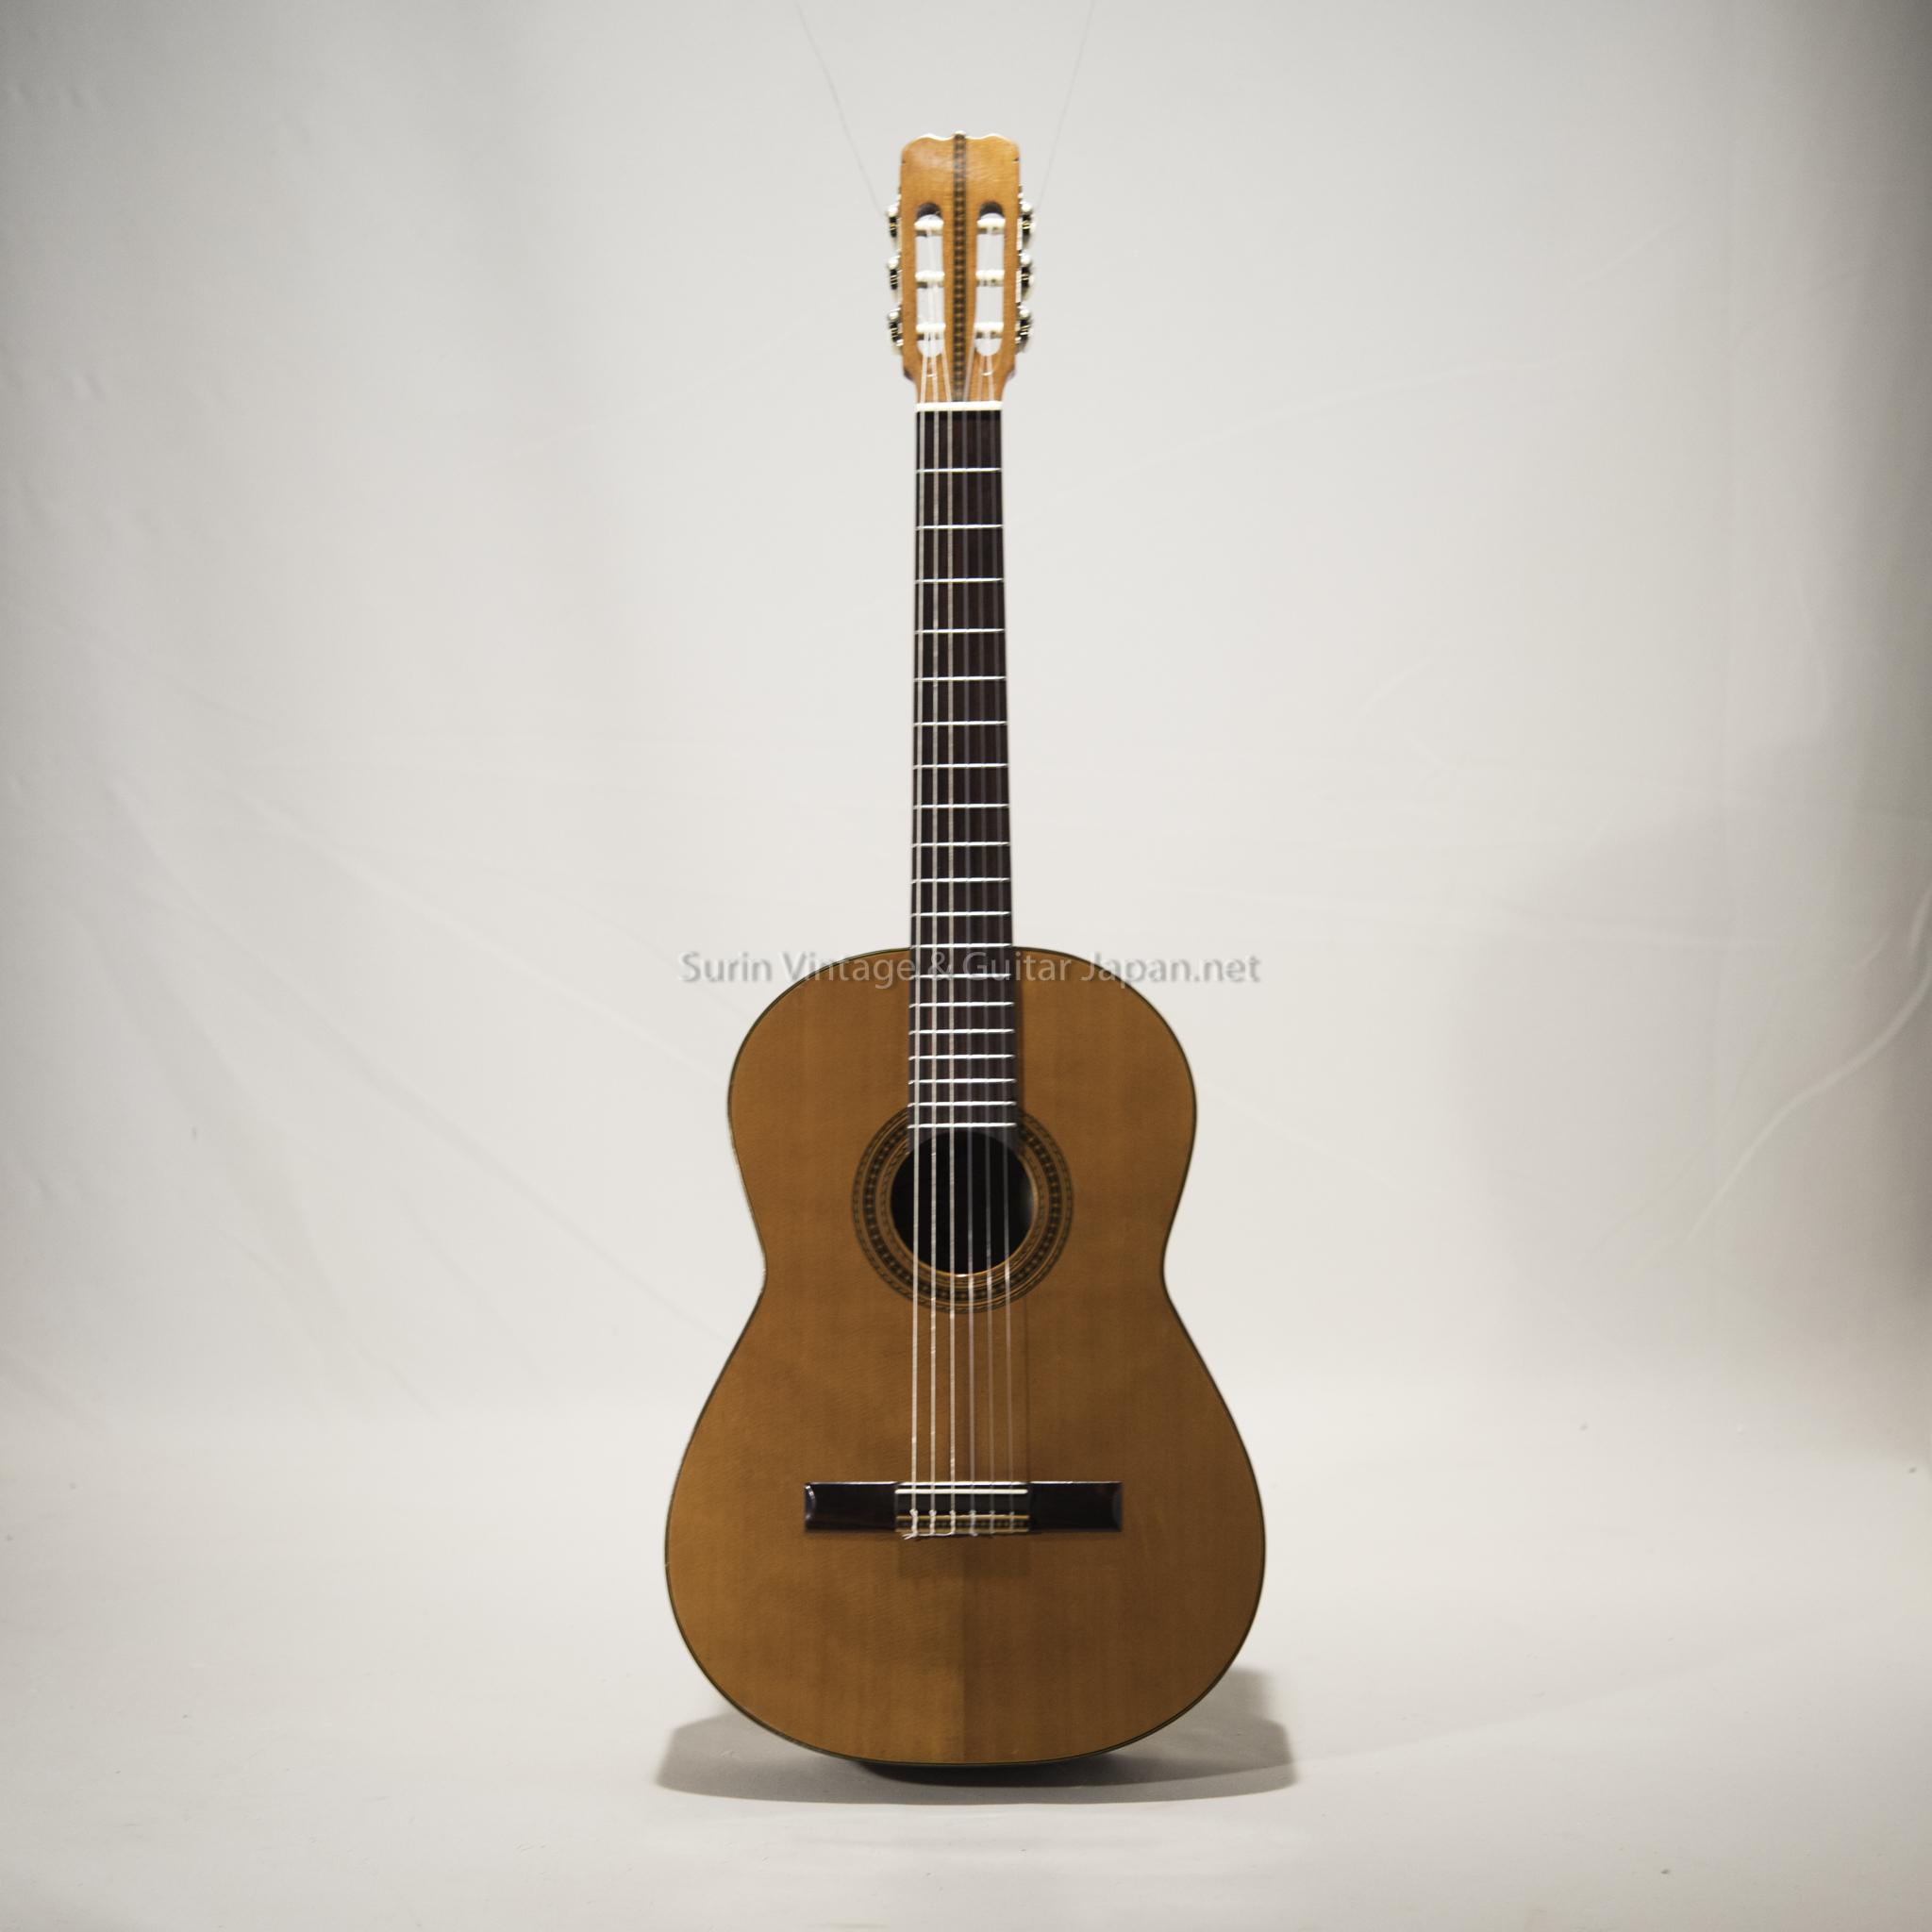 กีต้าร์คลาสสิคมือสอง Classic Guitar Vintage japan No.8